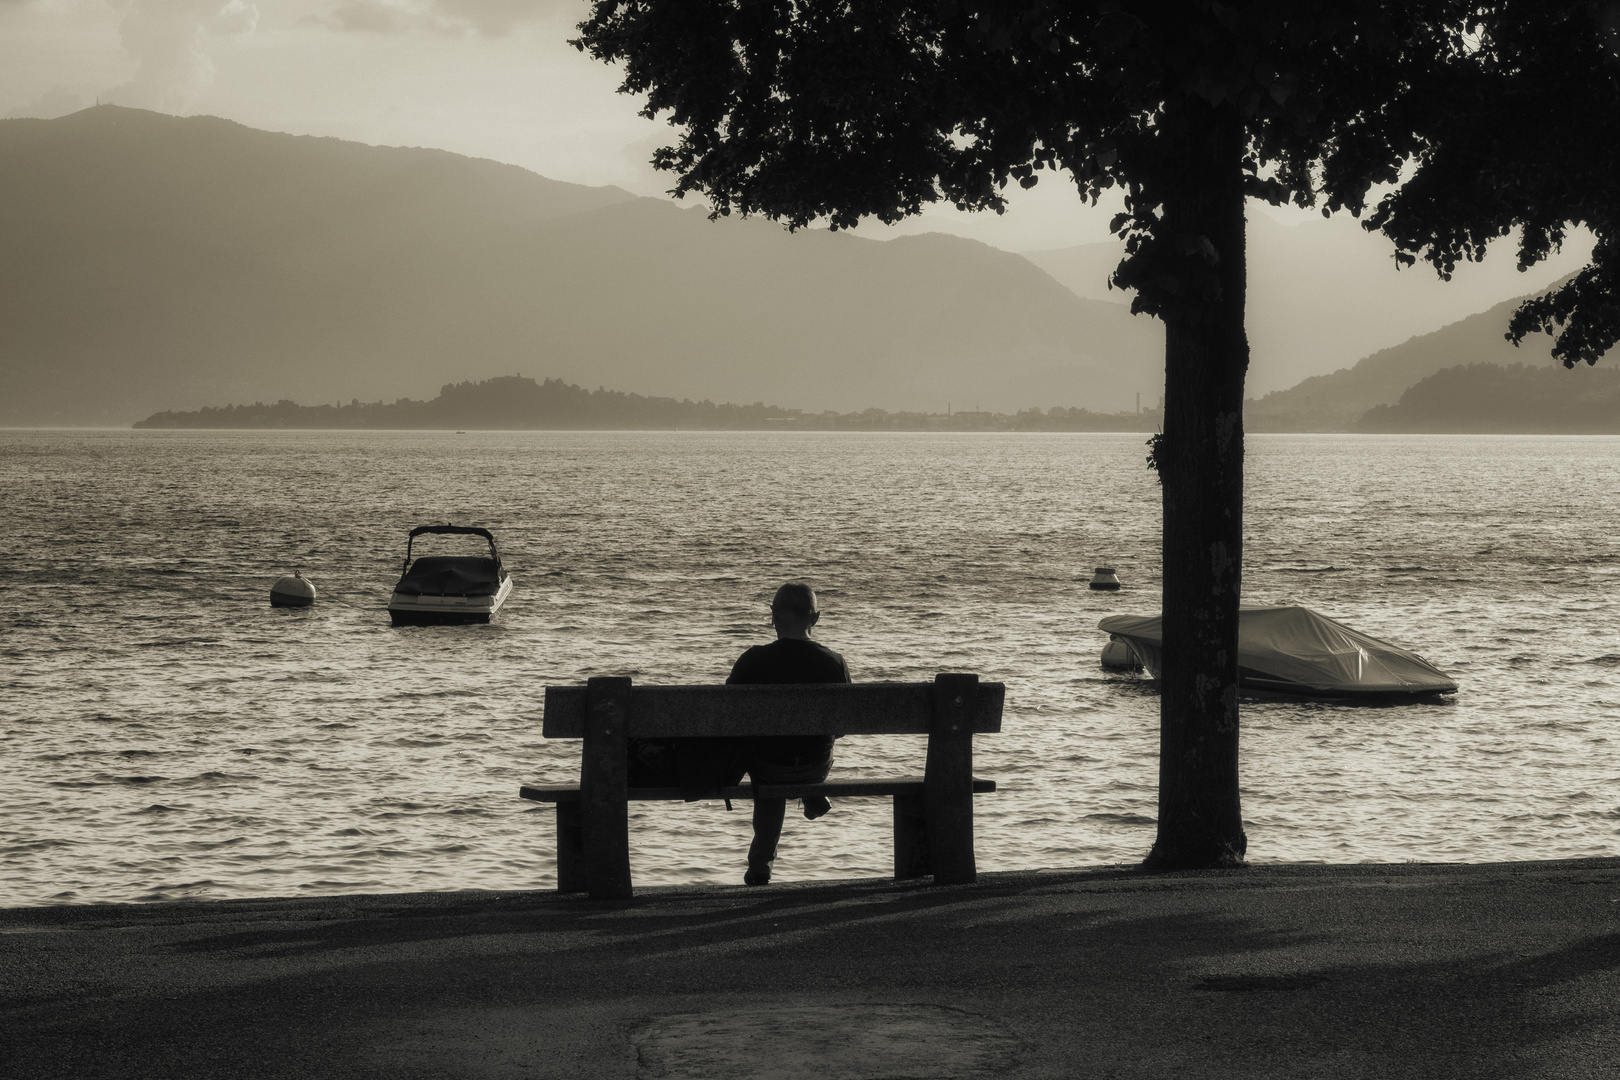 Panchina sul lago